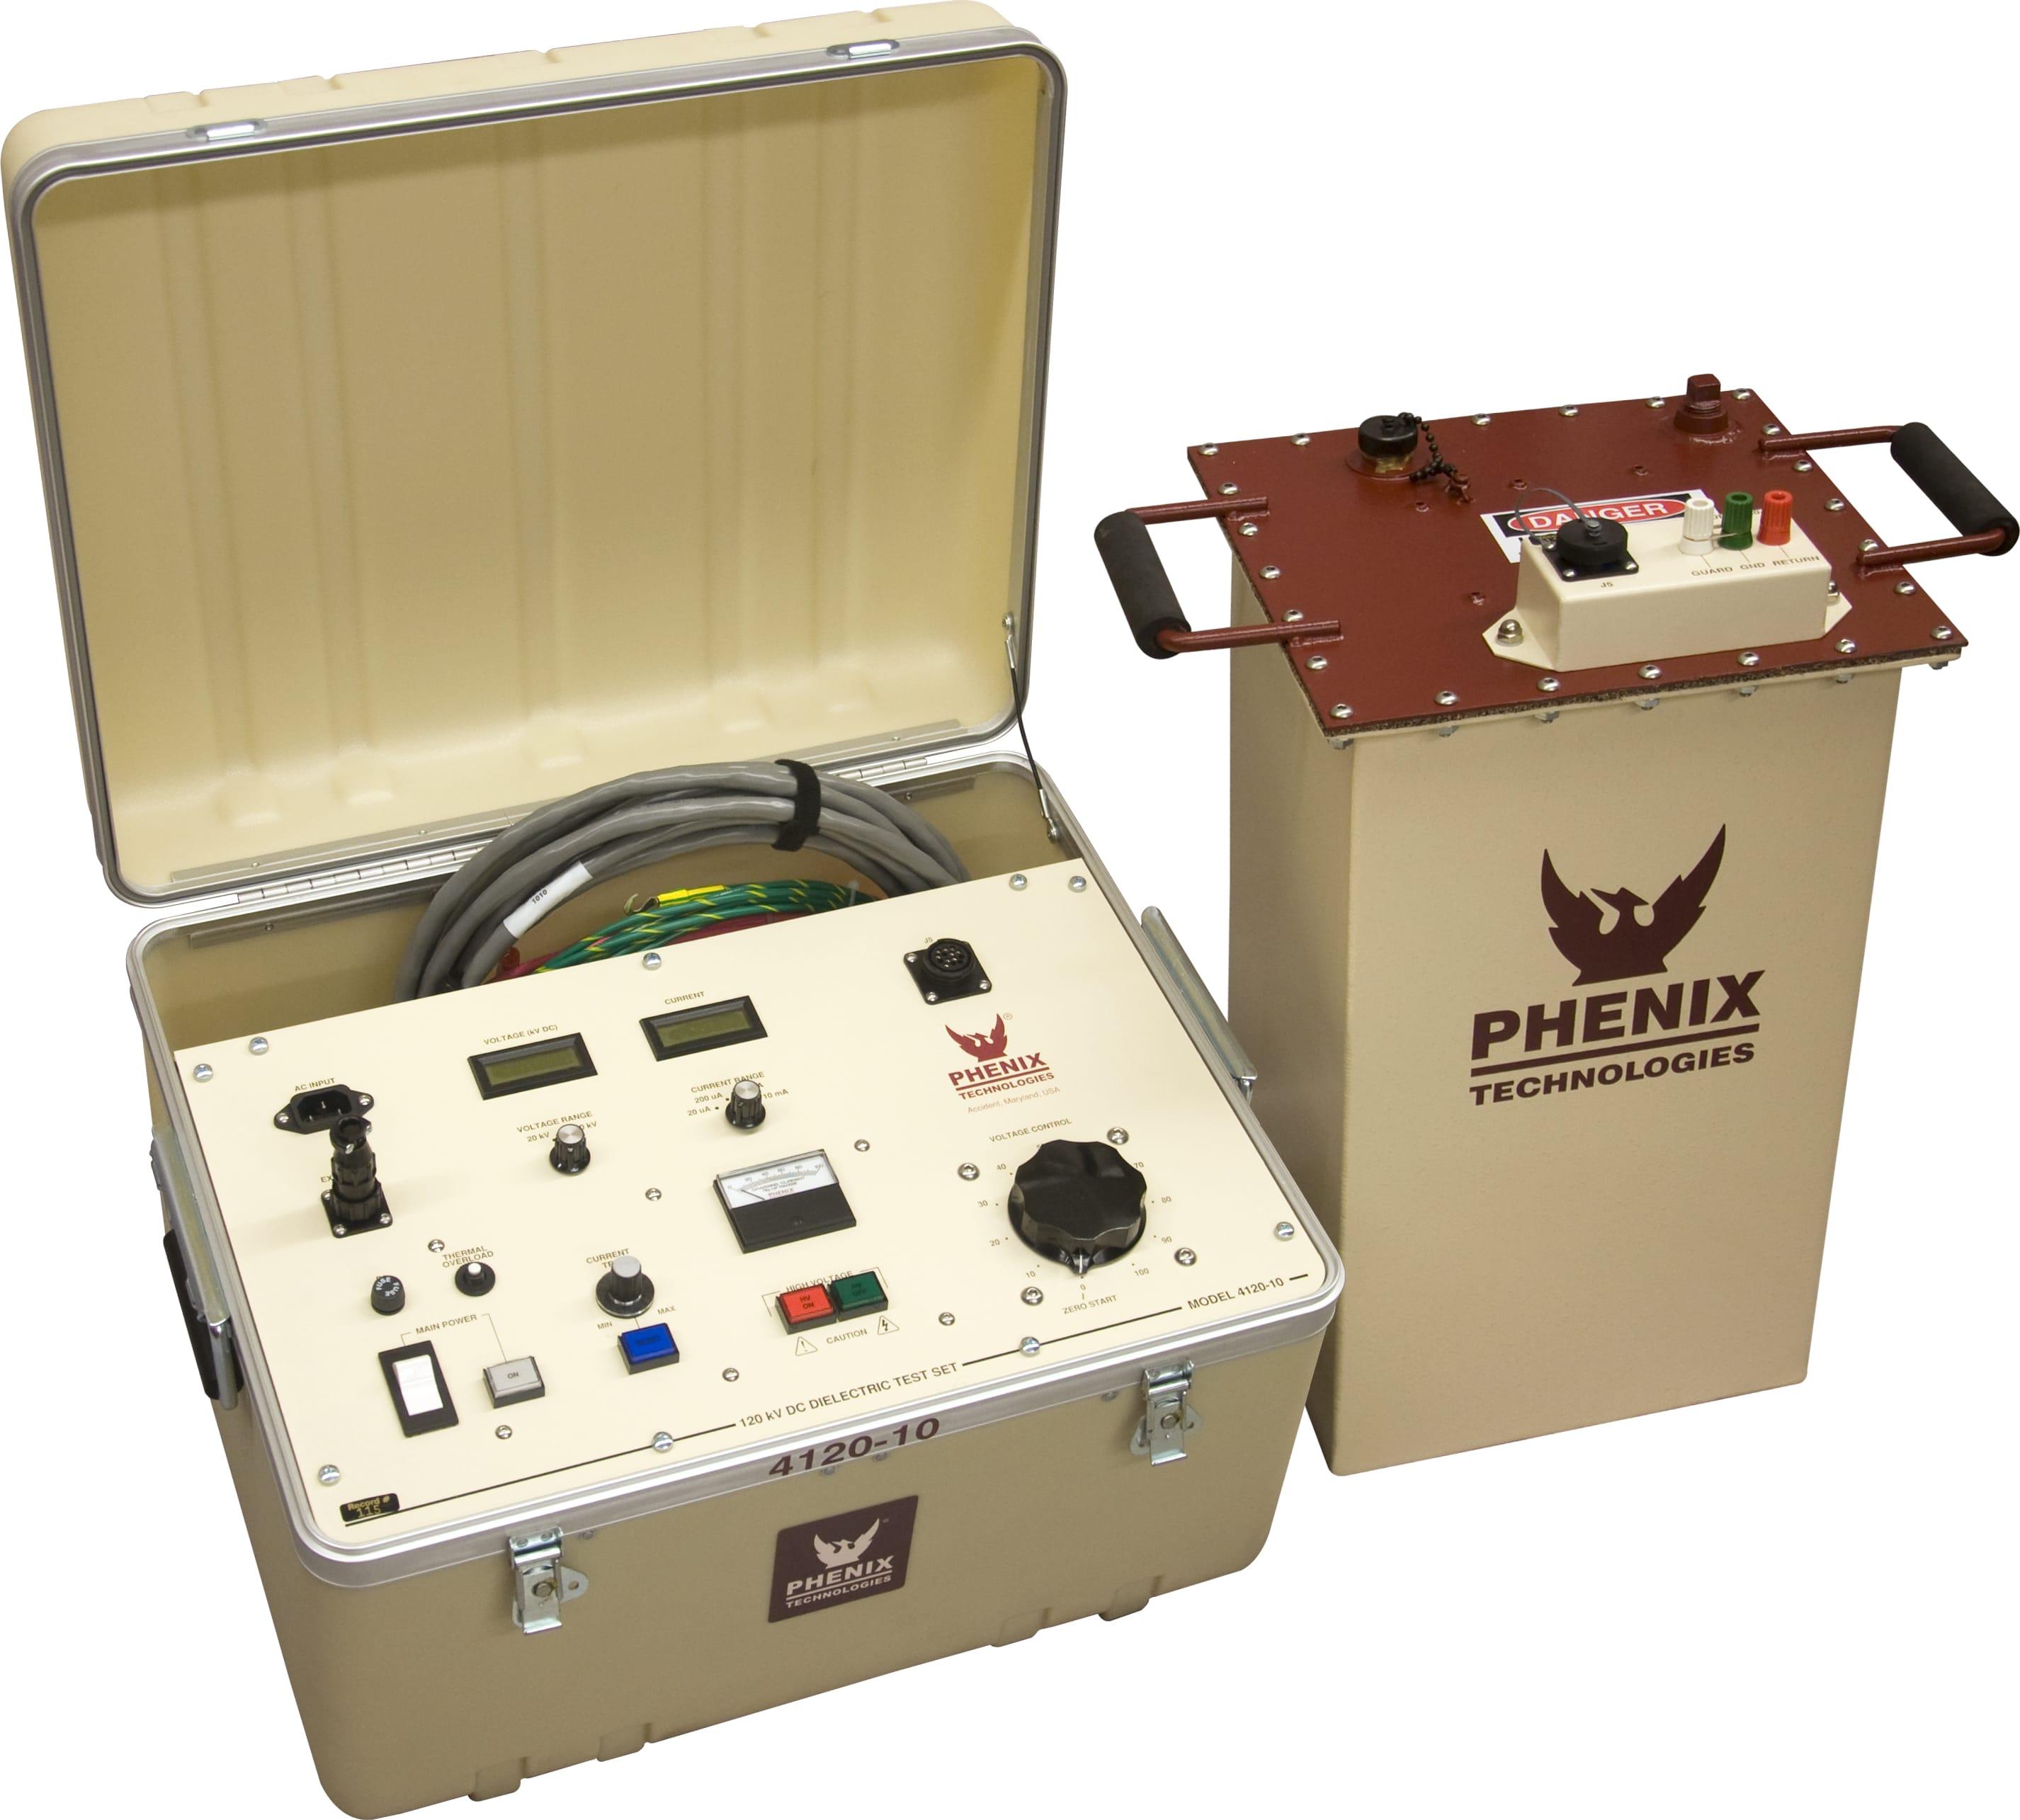 Phenix Technologies 4120-10 120 kVDC Portable DC Hipot